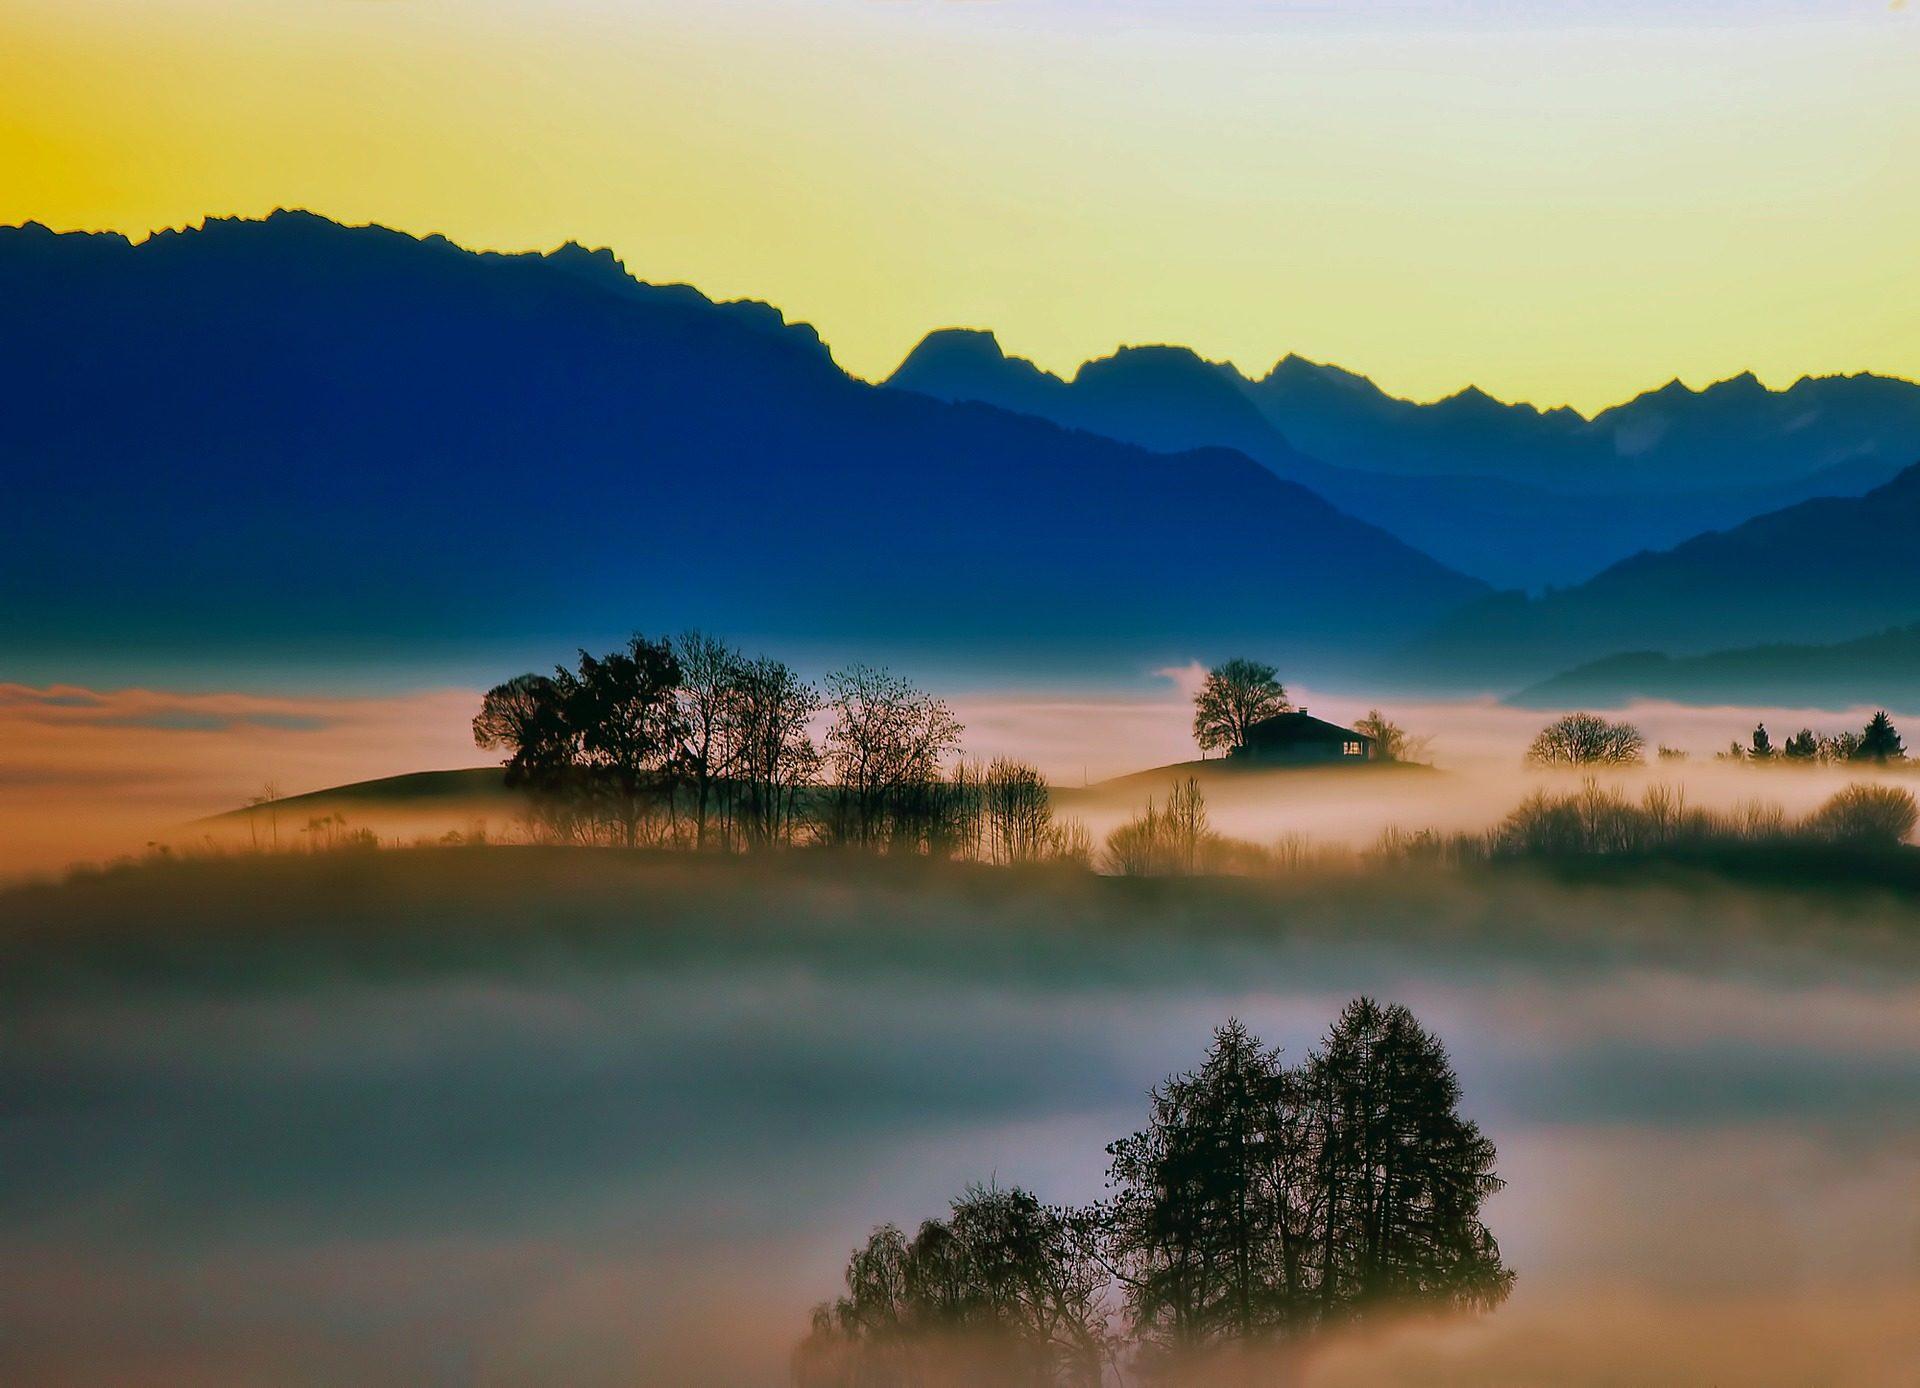 amanecer, niebla, montañas, humedad, árboles, siluetas - Fondos de Pantalla HD - professor-falken.com